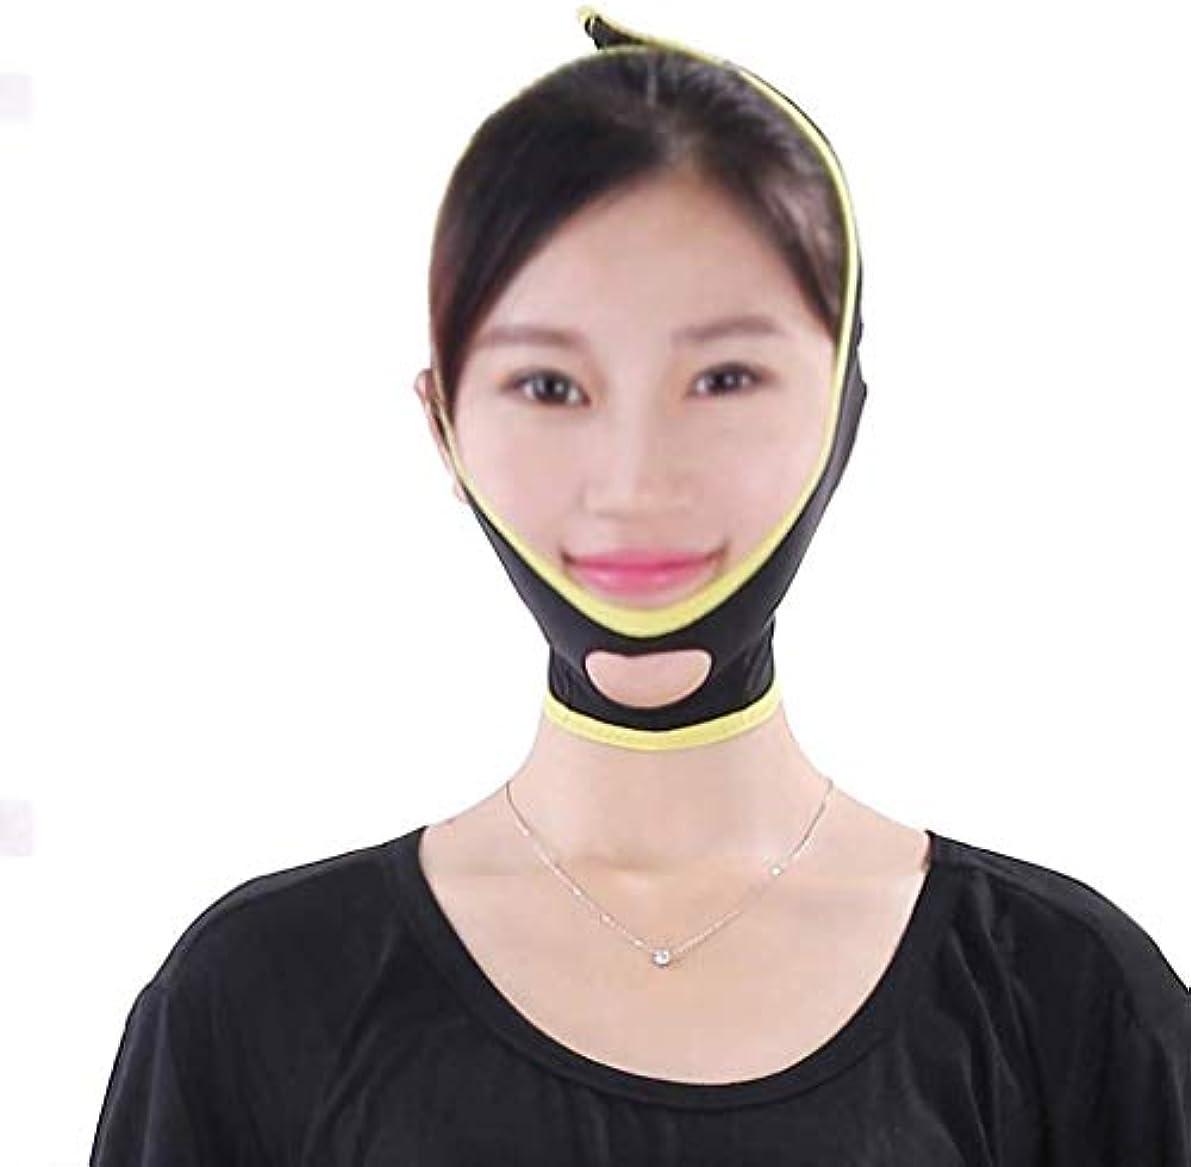 スポーツマン電化する耳美しさと実用的なフェイシャルマスク、男性と女性の顔リフティングアーティファクト包帯美容リフティング引き締めサイズV顔ダブルチン睡眠マスク埋め込みシルク彫刻Slim身ベルト(サイズ:L)